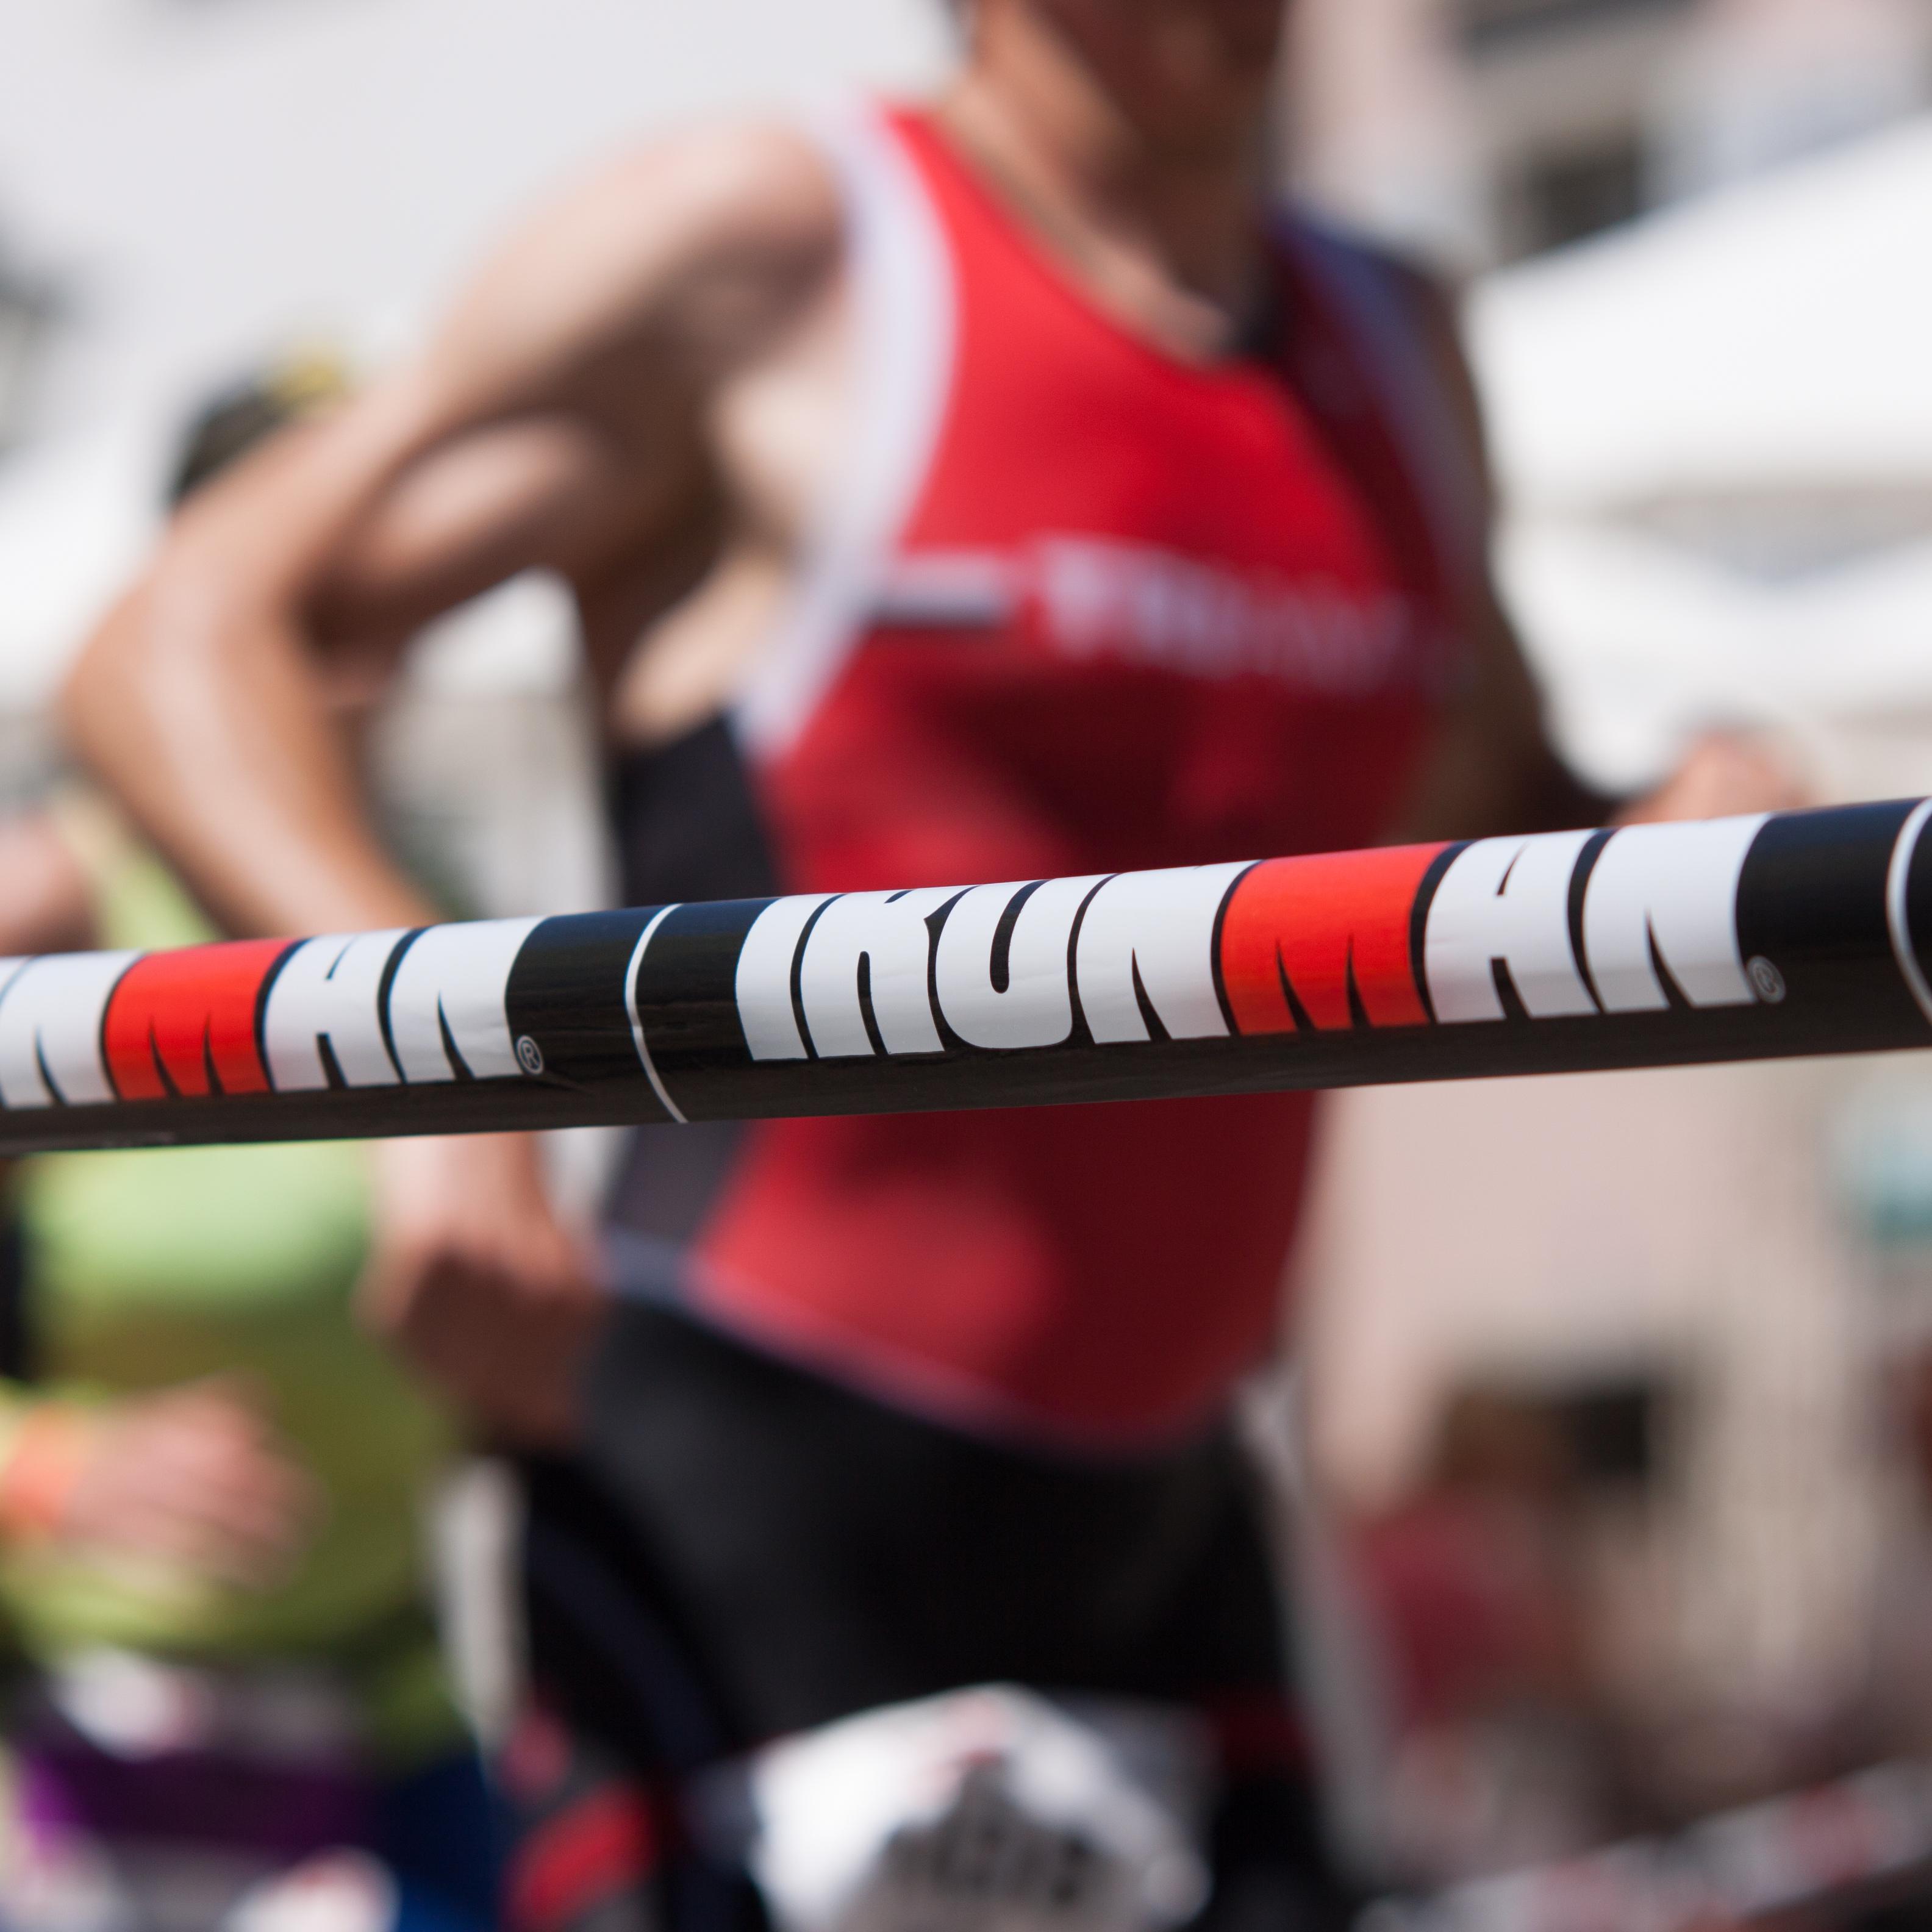 Ironman-Szene mit Läufer im Hintergrund